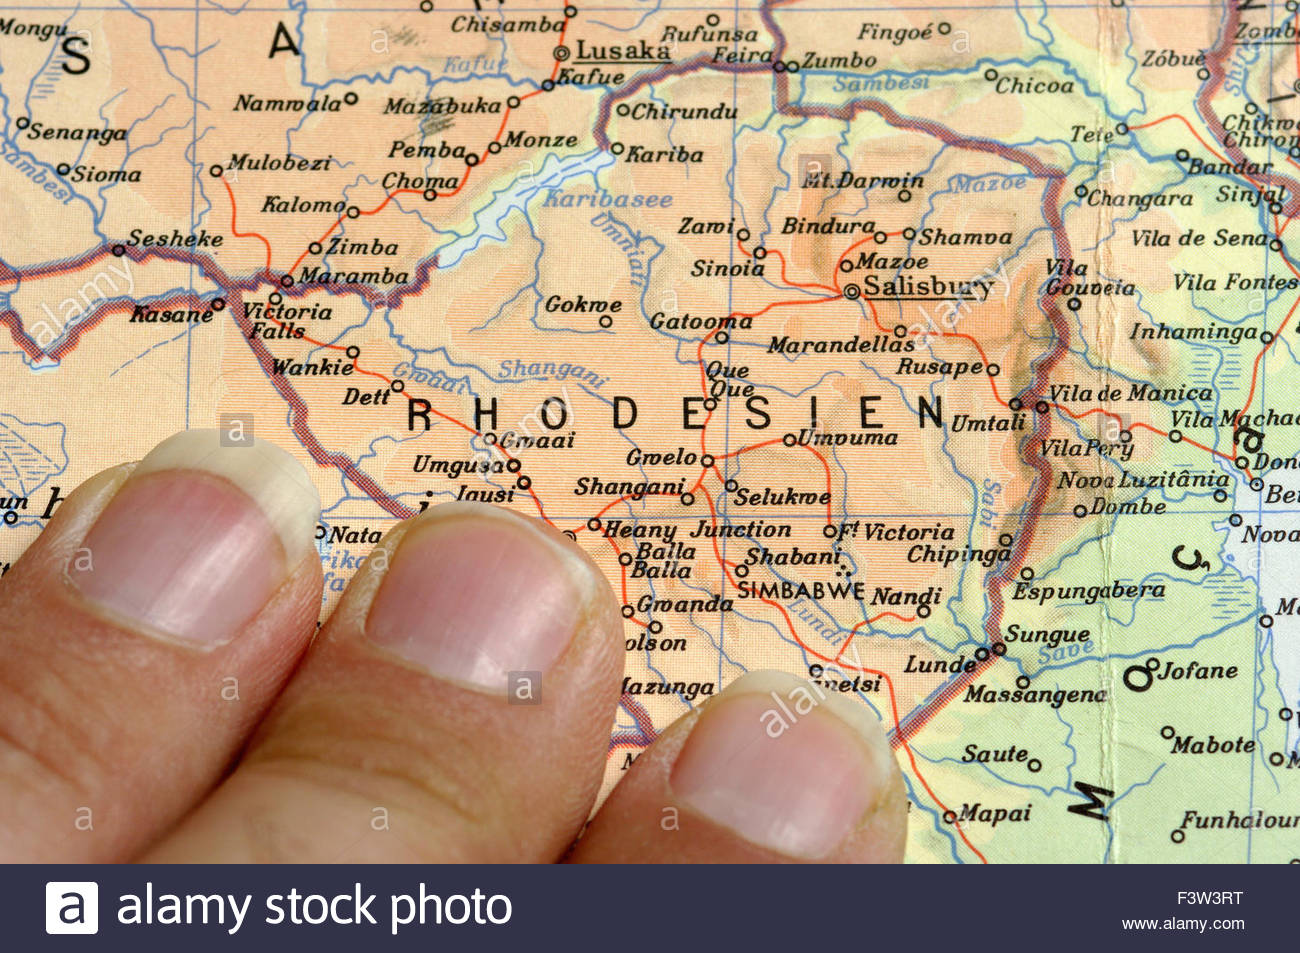 Map Of SouthernAfrica Africa Zimbabwe Stock Photo 88447628 Alamy